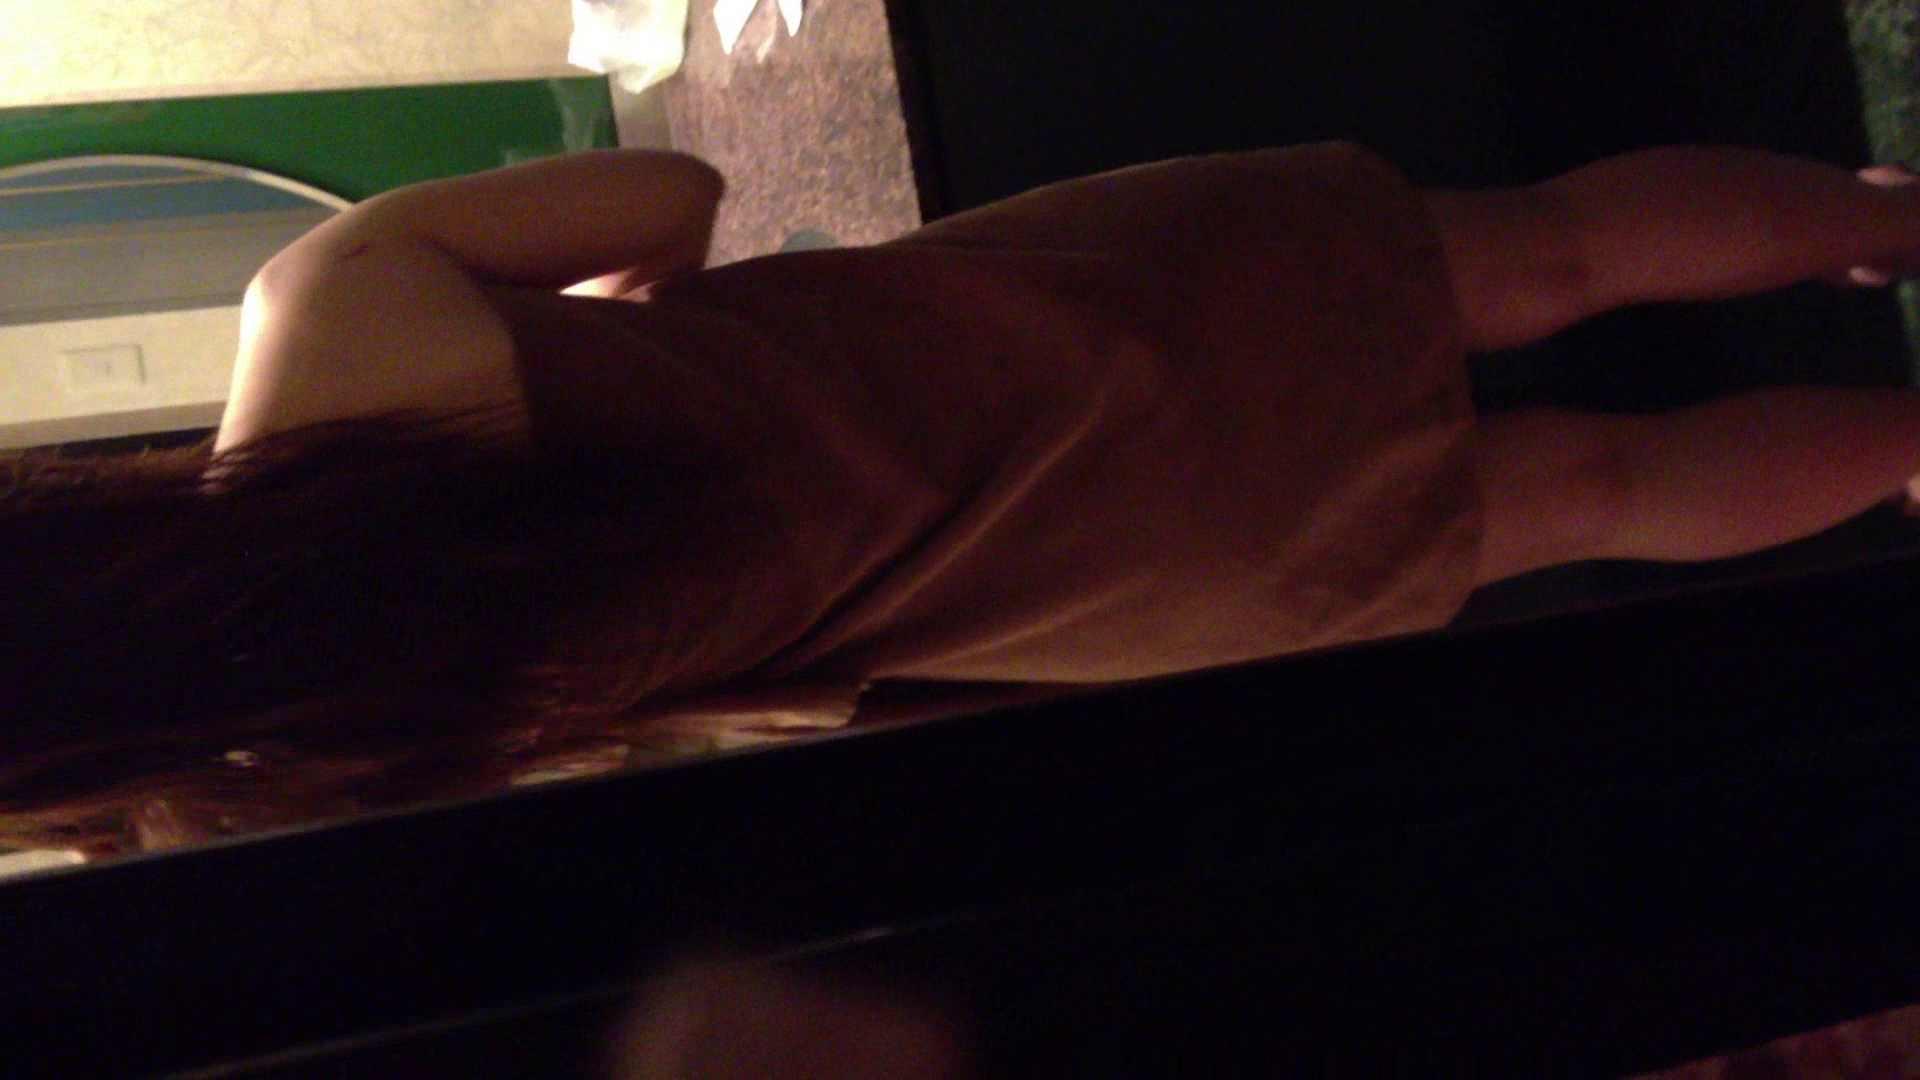 14(14日目)風呂上りのドライヤー マンコ・ムレムレ  105pic 55